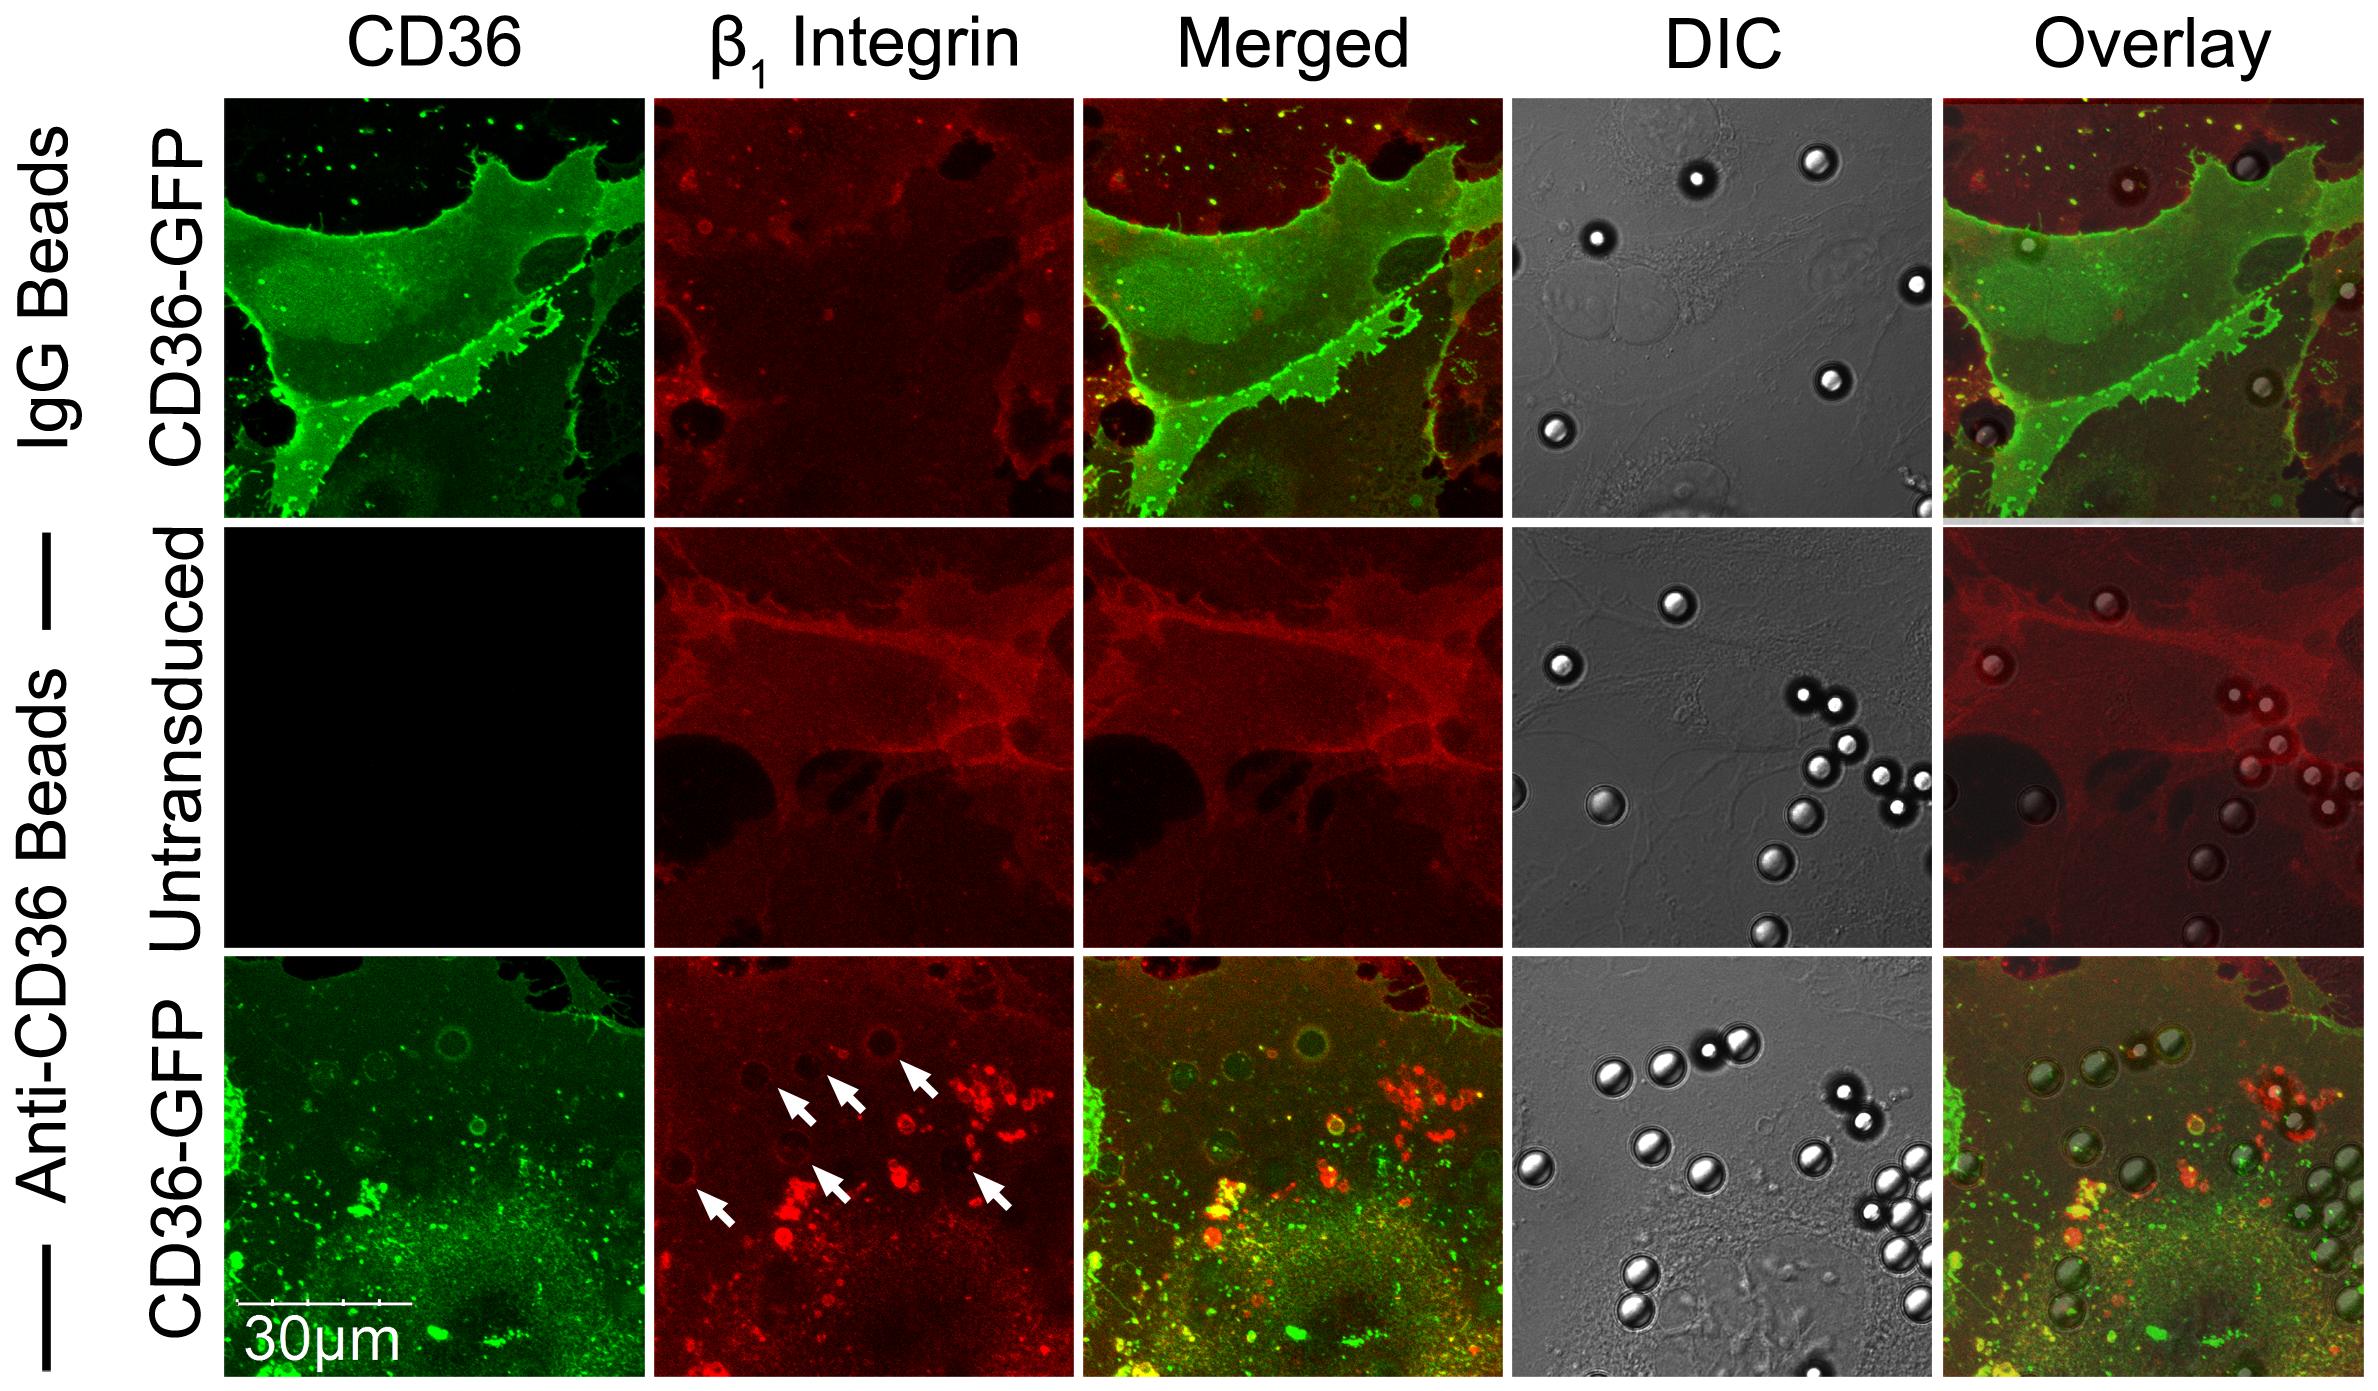 β<sub>1</sub> integrin recruitment by adherent anti-CD36 coated beads on HMEC-1.